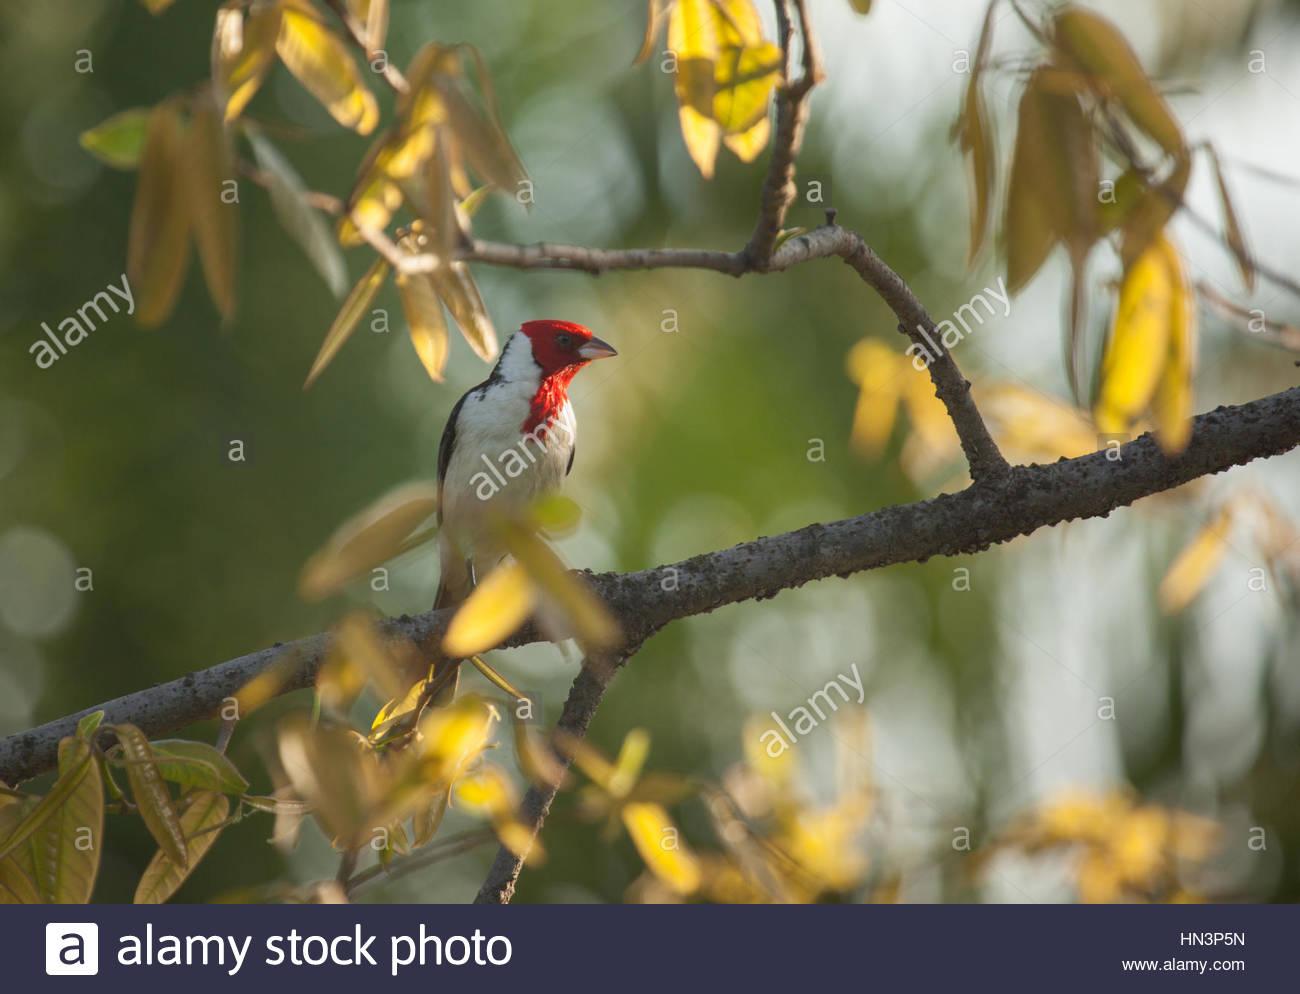 Ein rot-schüchtern Kardinal, Paroaria Dominicana, hocken auf einem Baum in Sao Paulo Ibirapuera Park. Stockbild